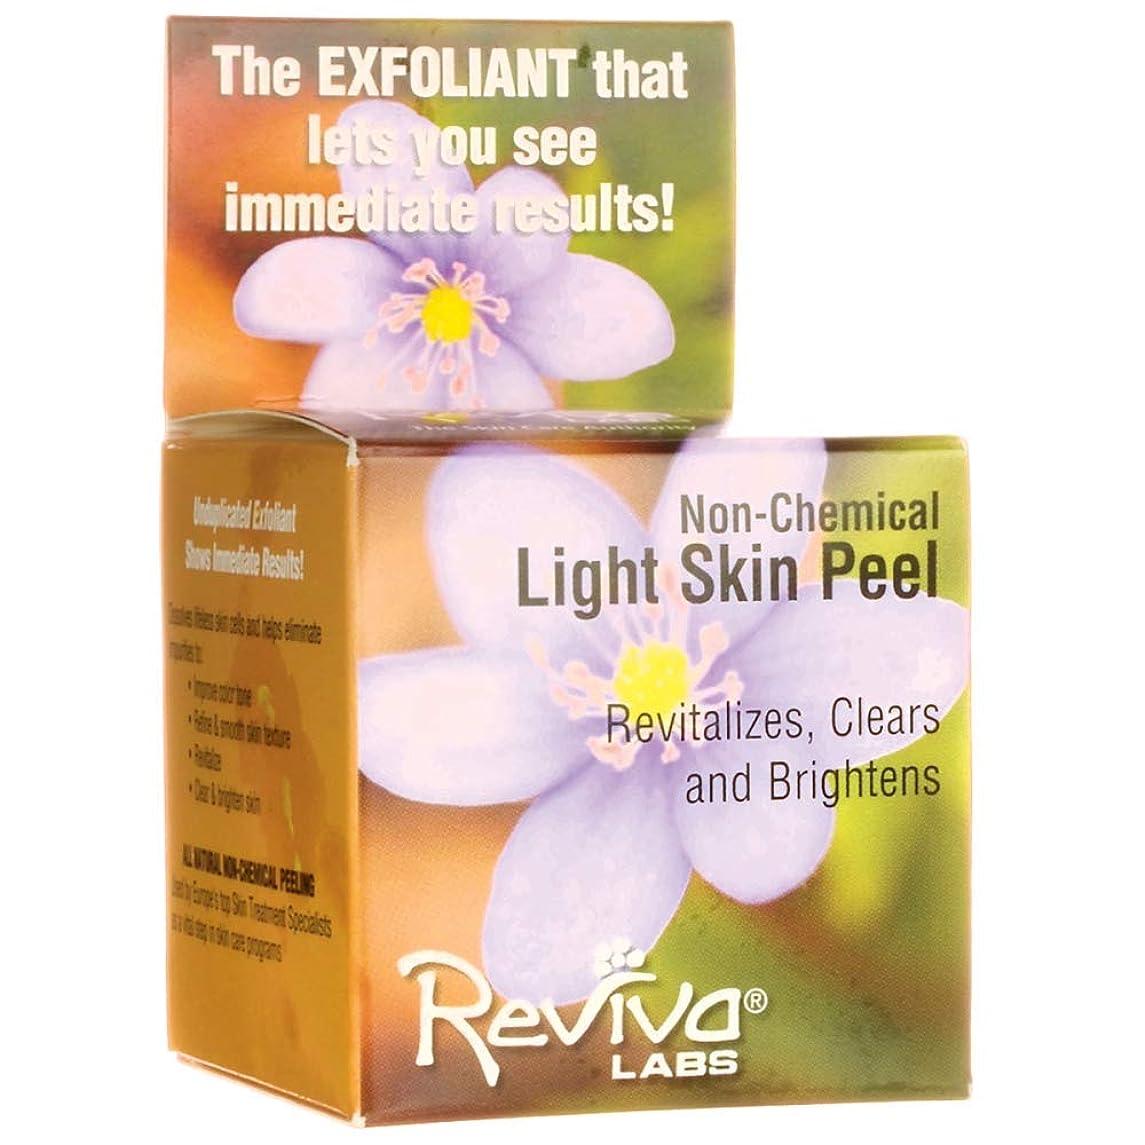 請求地図欲望Reviva Labs レビバ社 Light Skin Peel 1.5 oz (42 g) ライトスキンピール?角質落としー 海外直送品